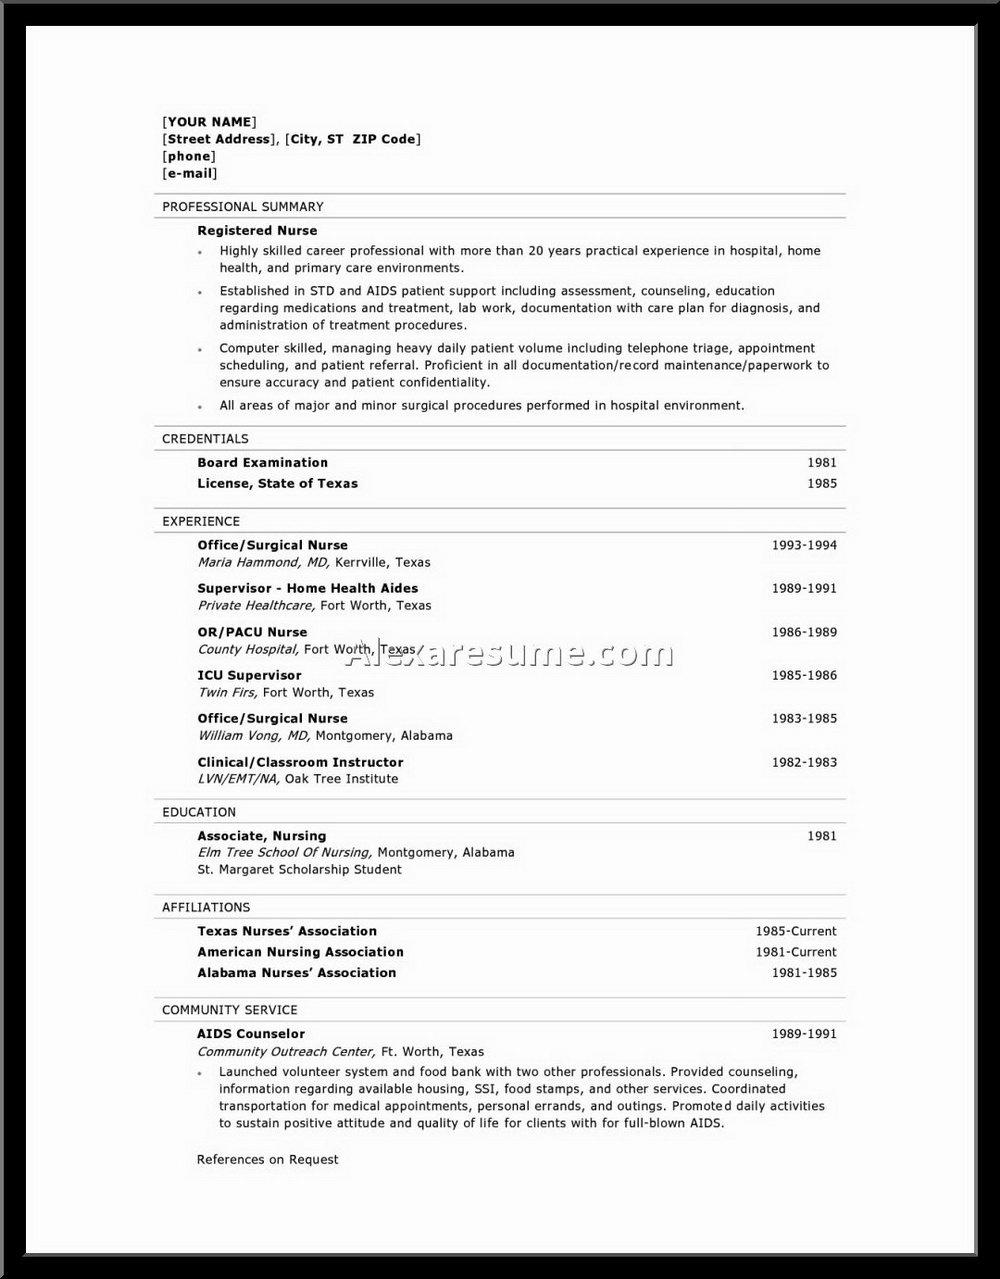 Free Online Resume Builder For Freshers